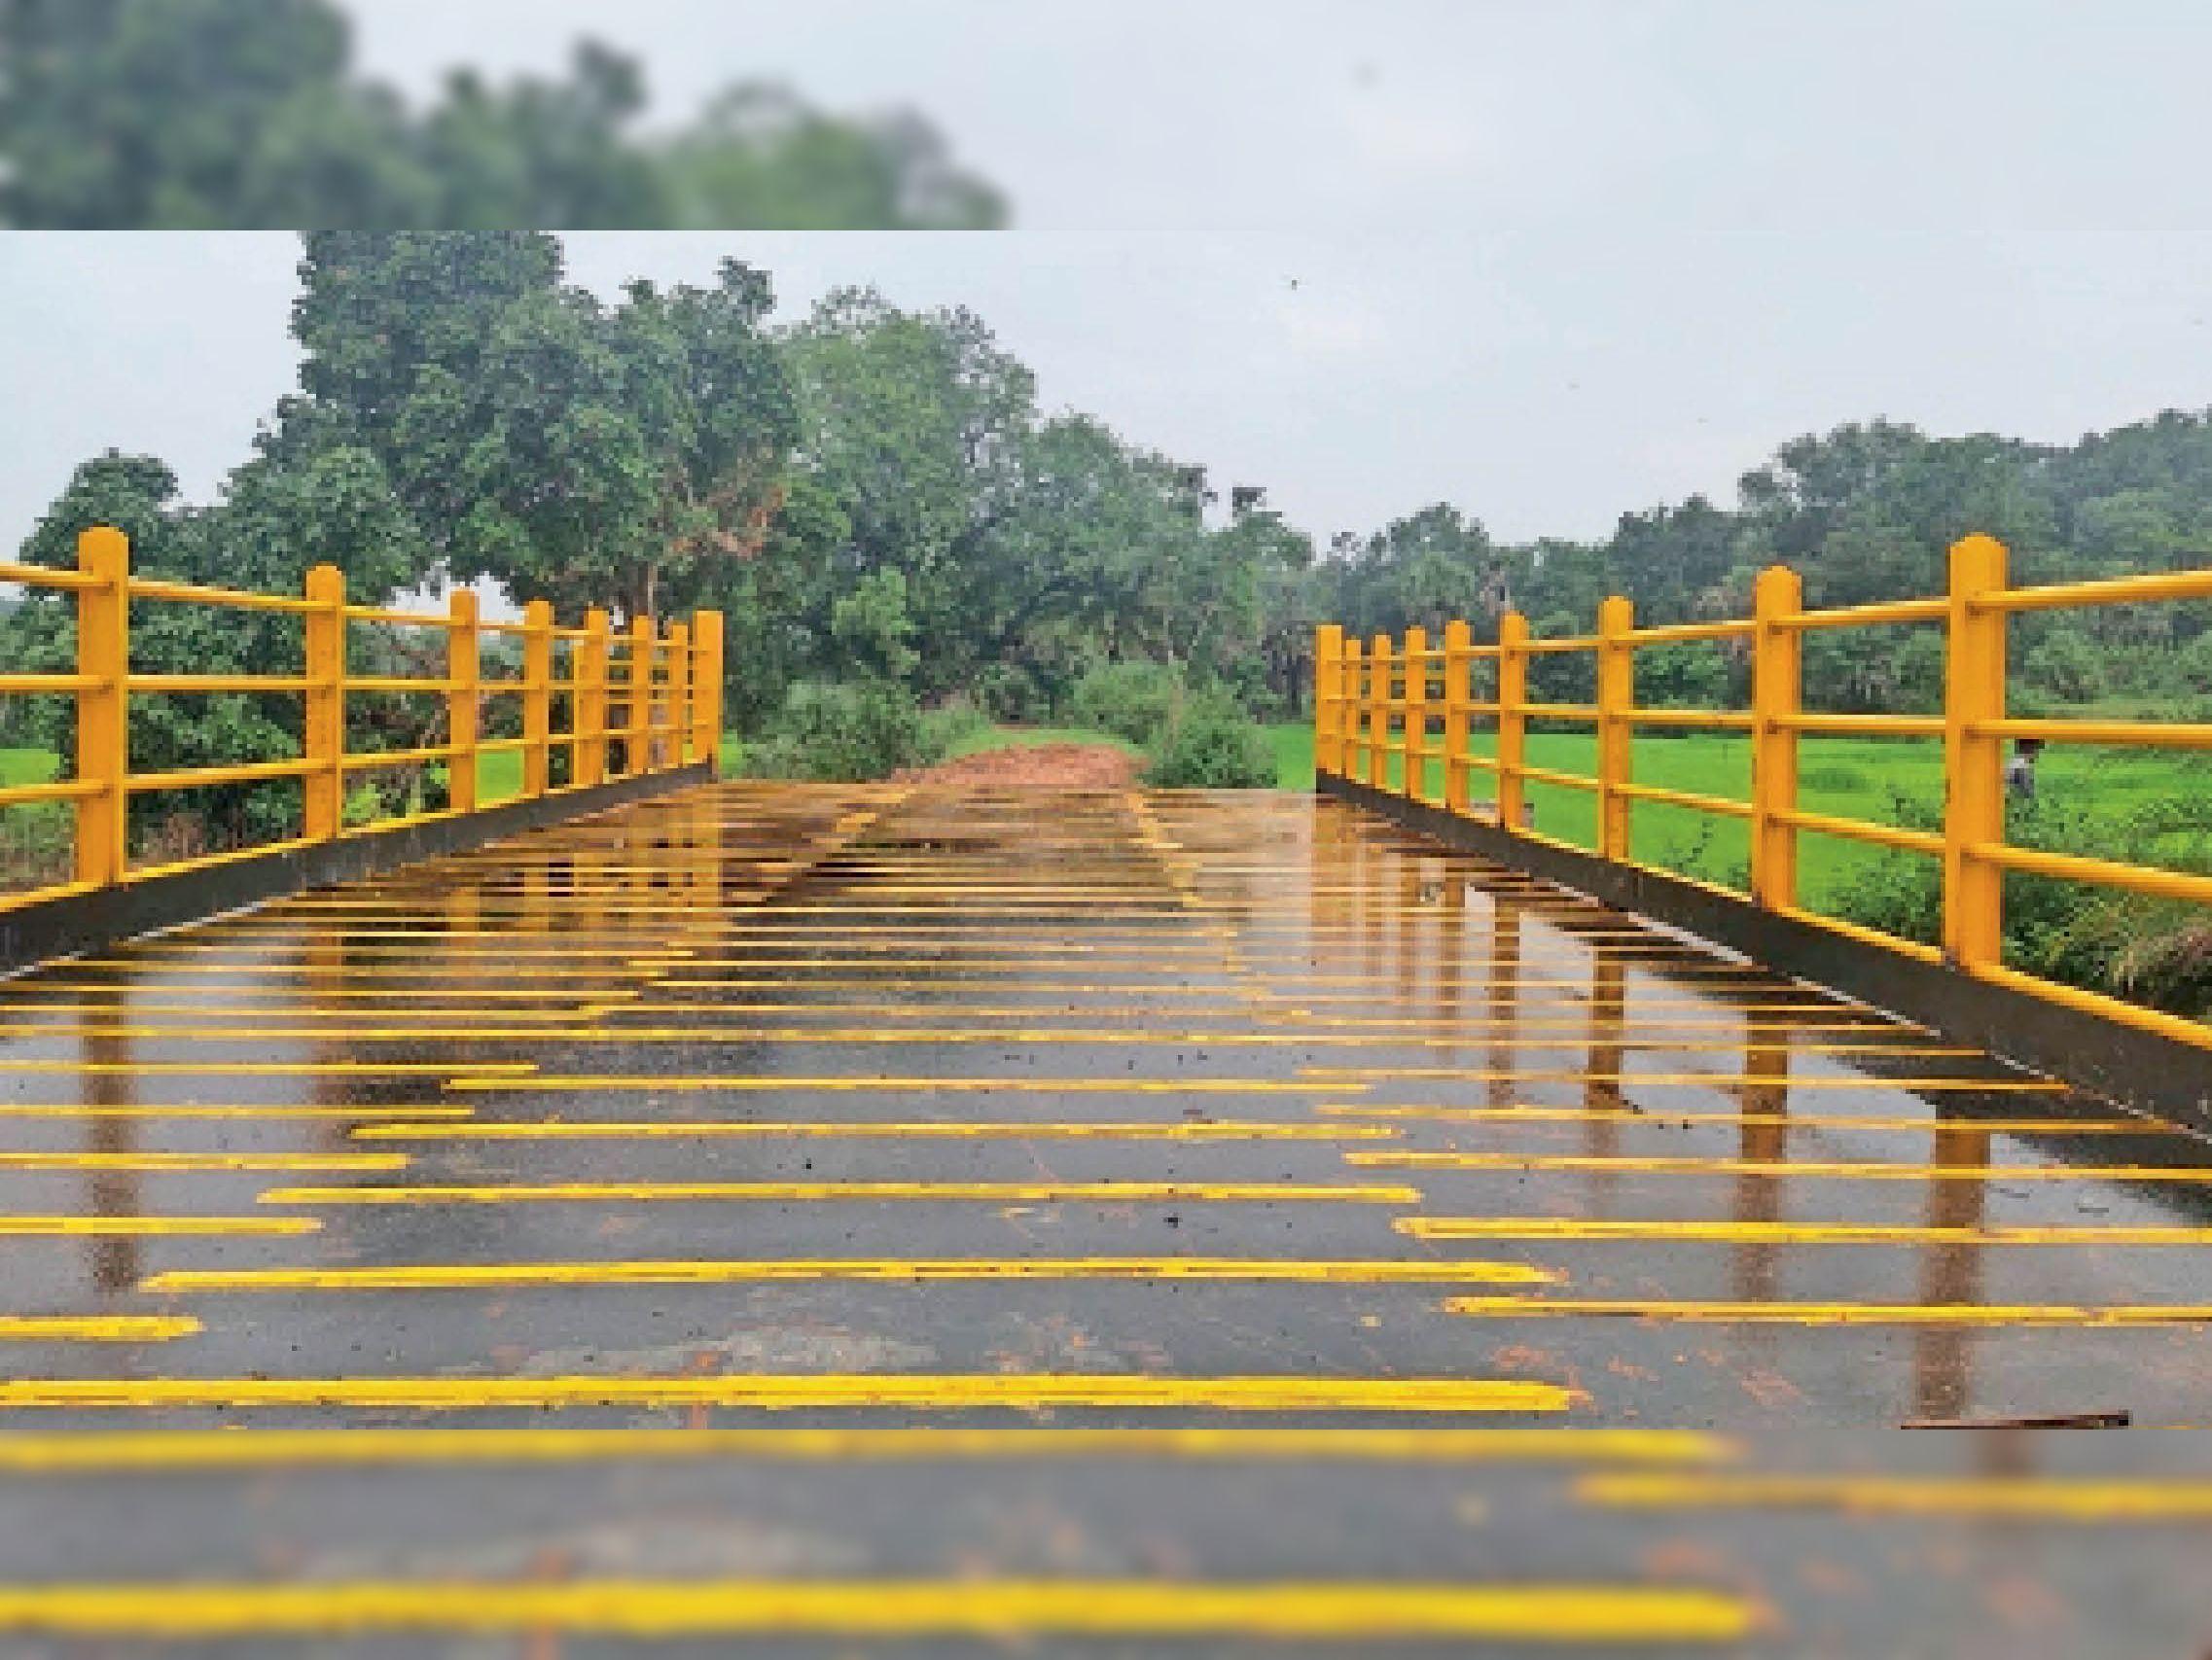 कुआकोंडा में बना स्टील का ब्रिज। - Dainik Bhaskar